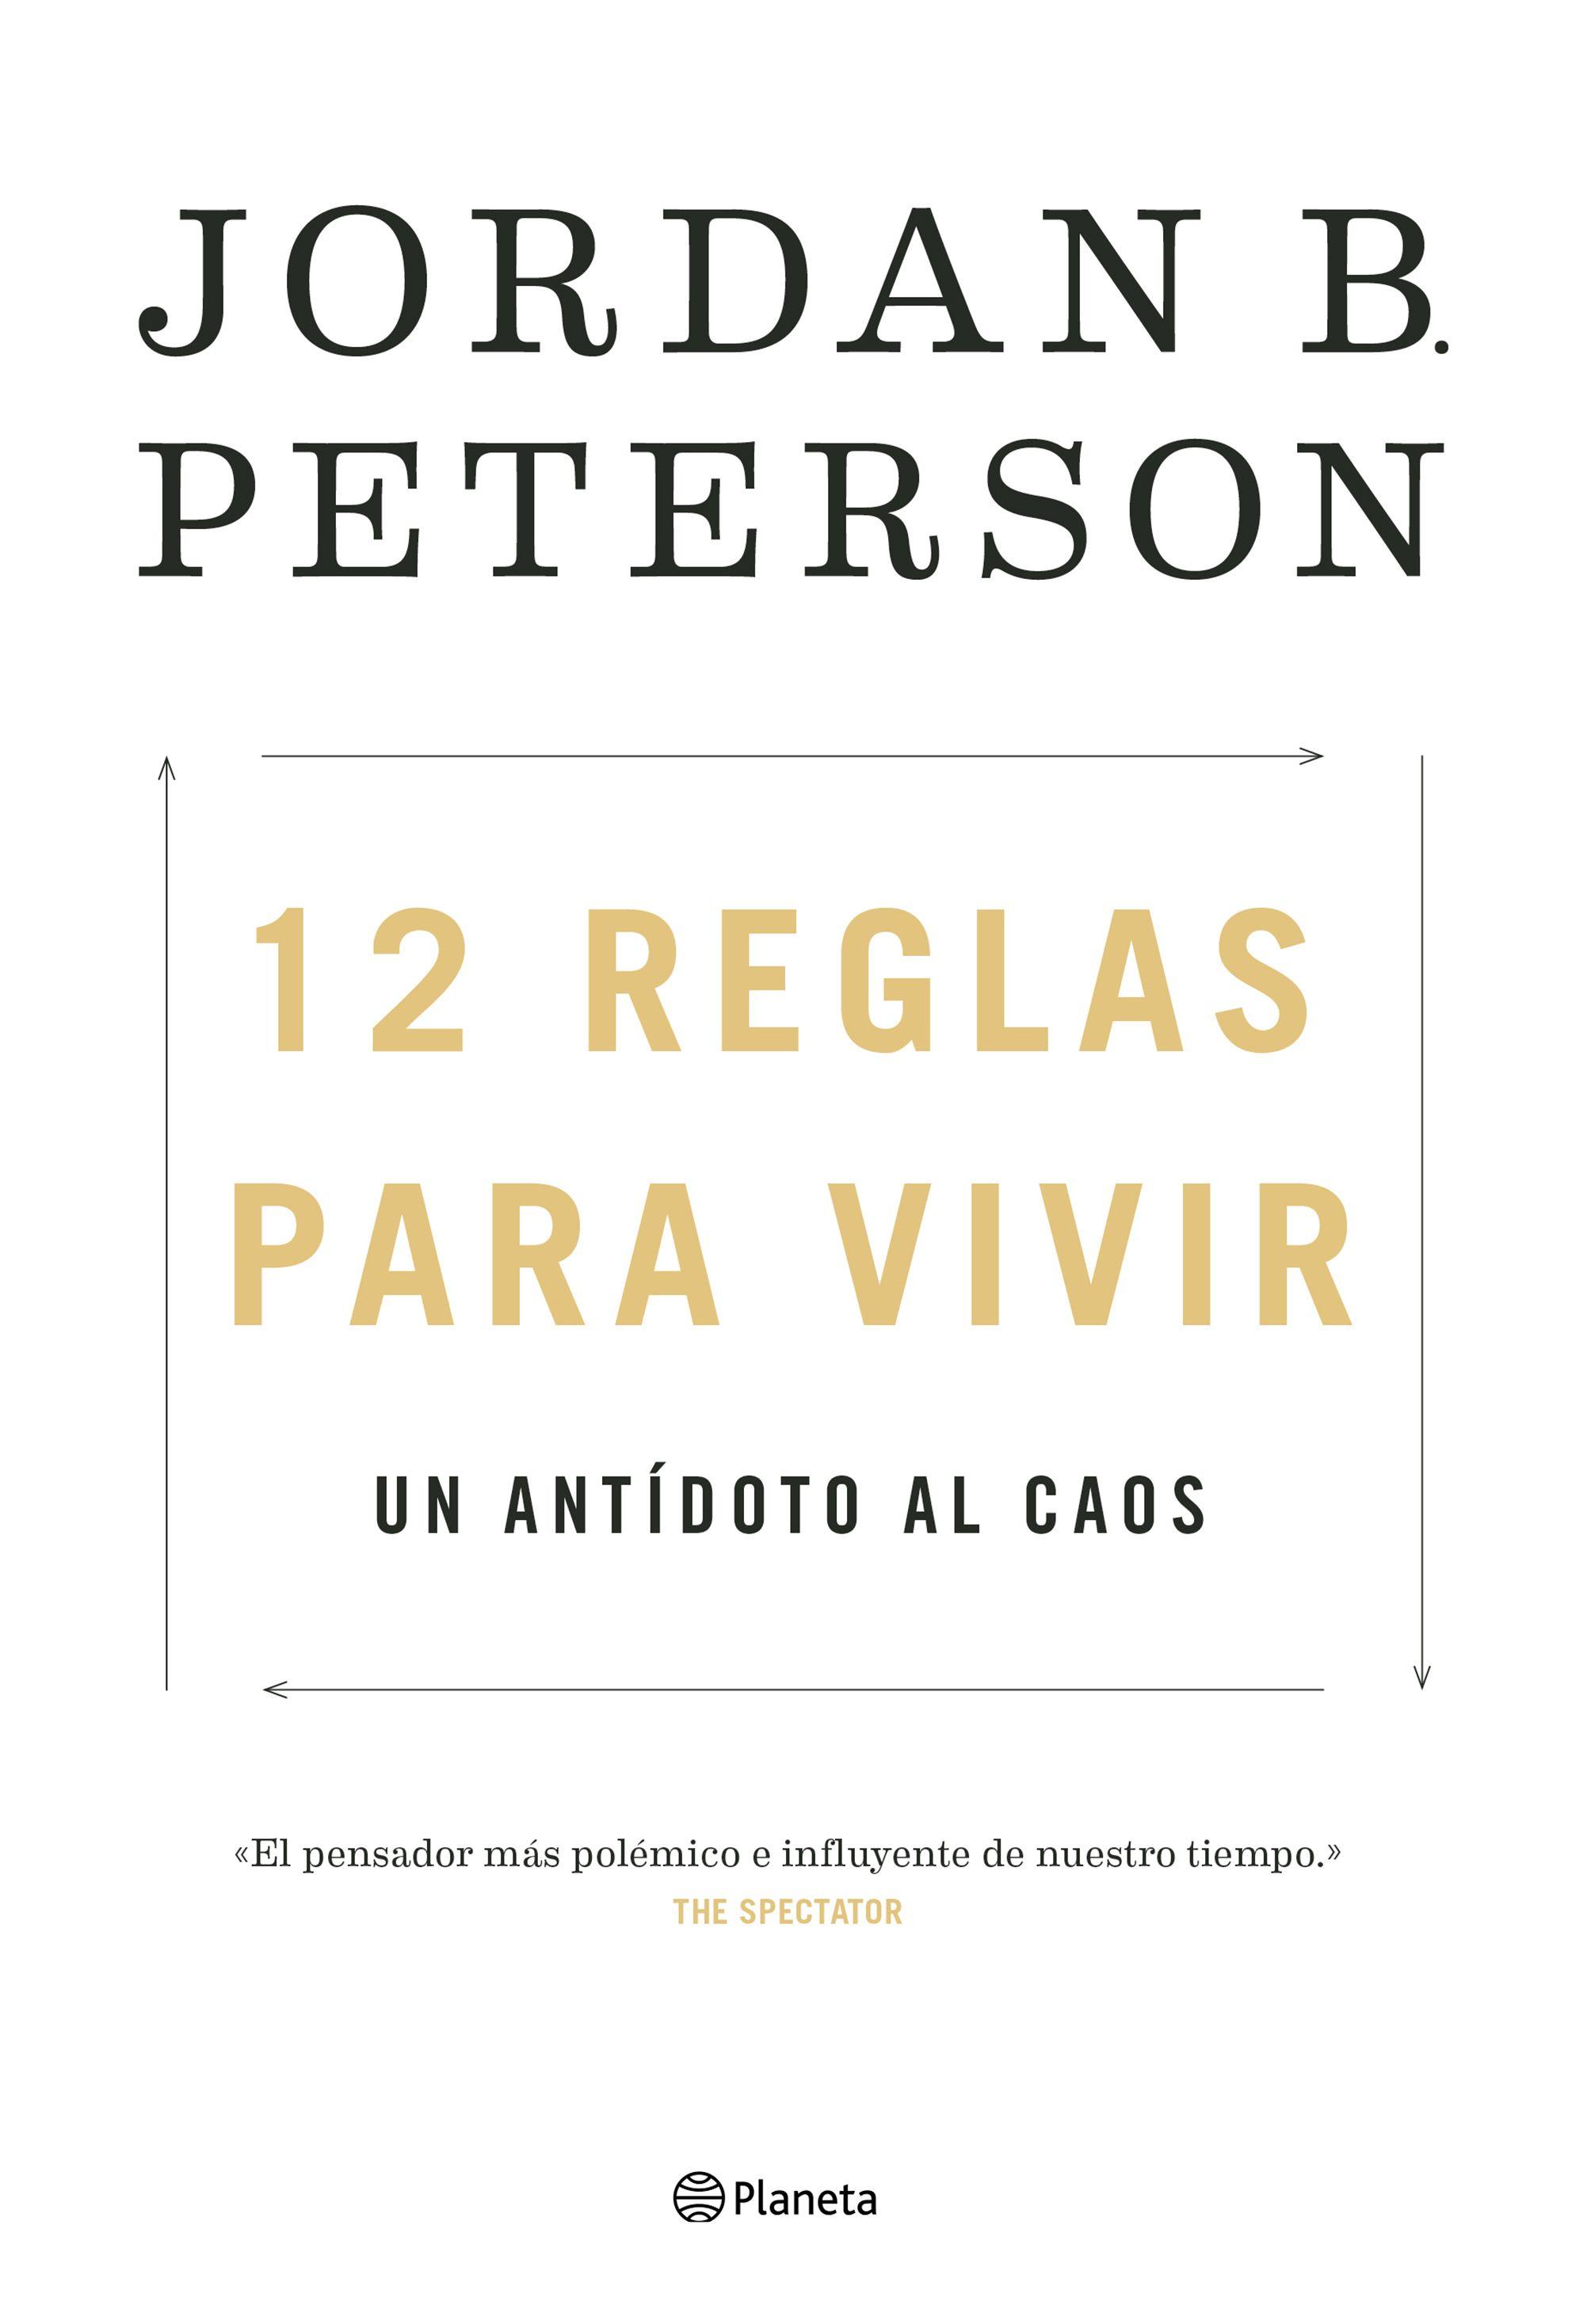 12 reglas para vivir. Un antídoto al caos by Jordan B. Peterson